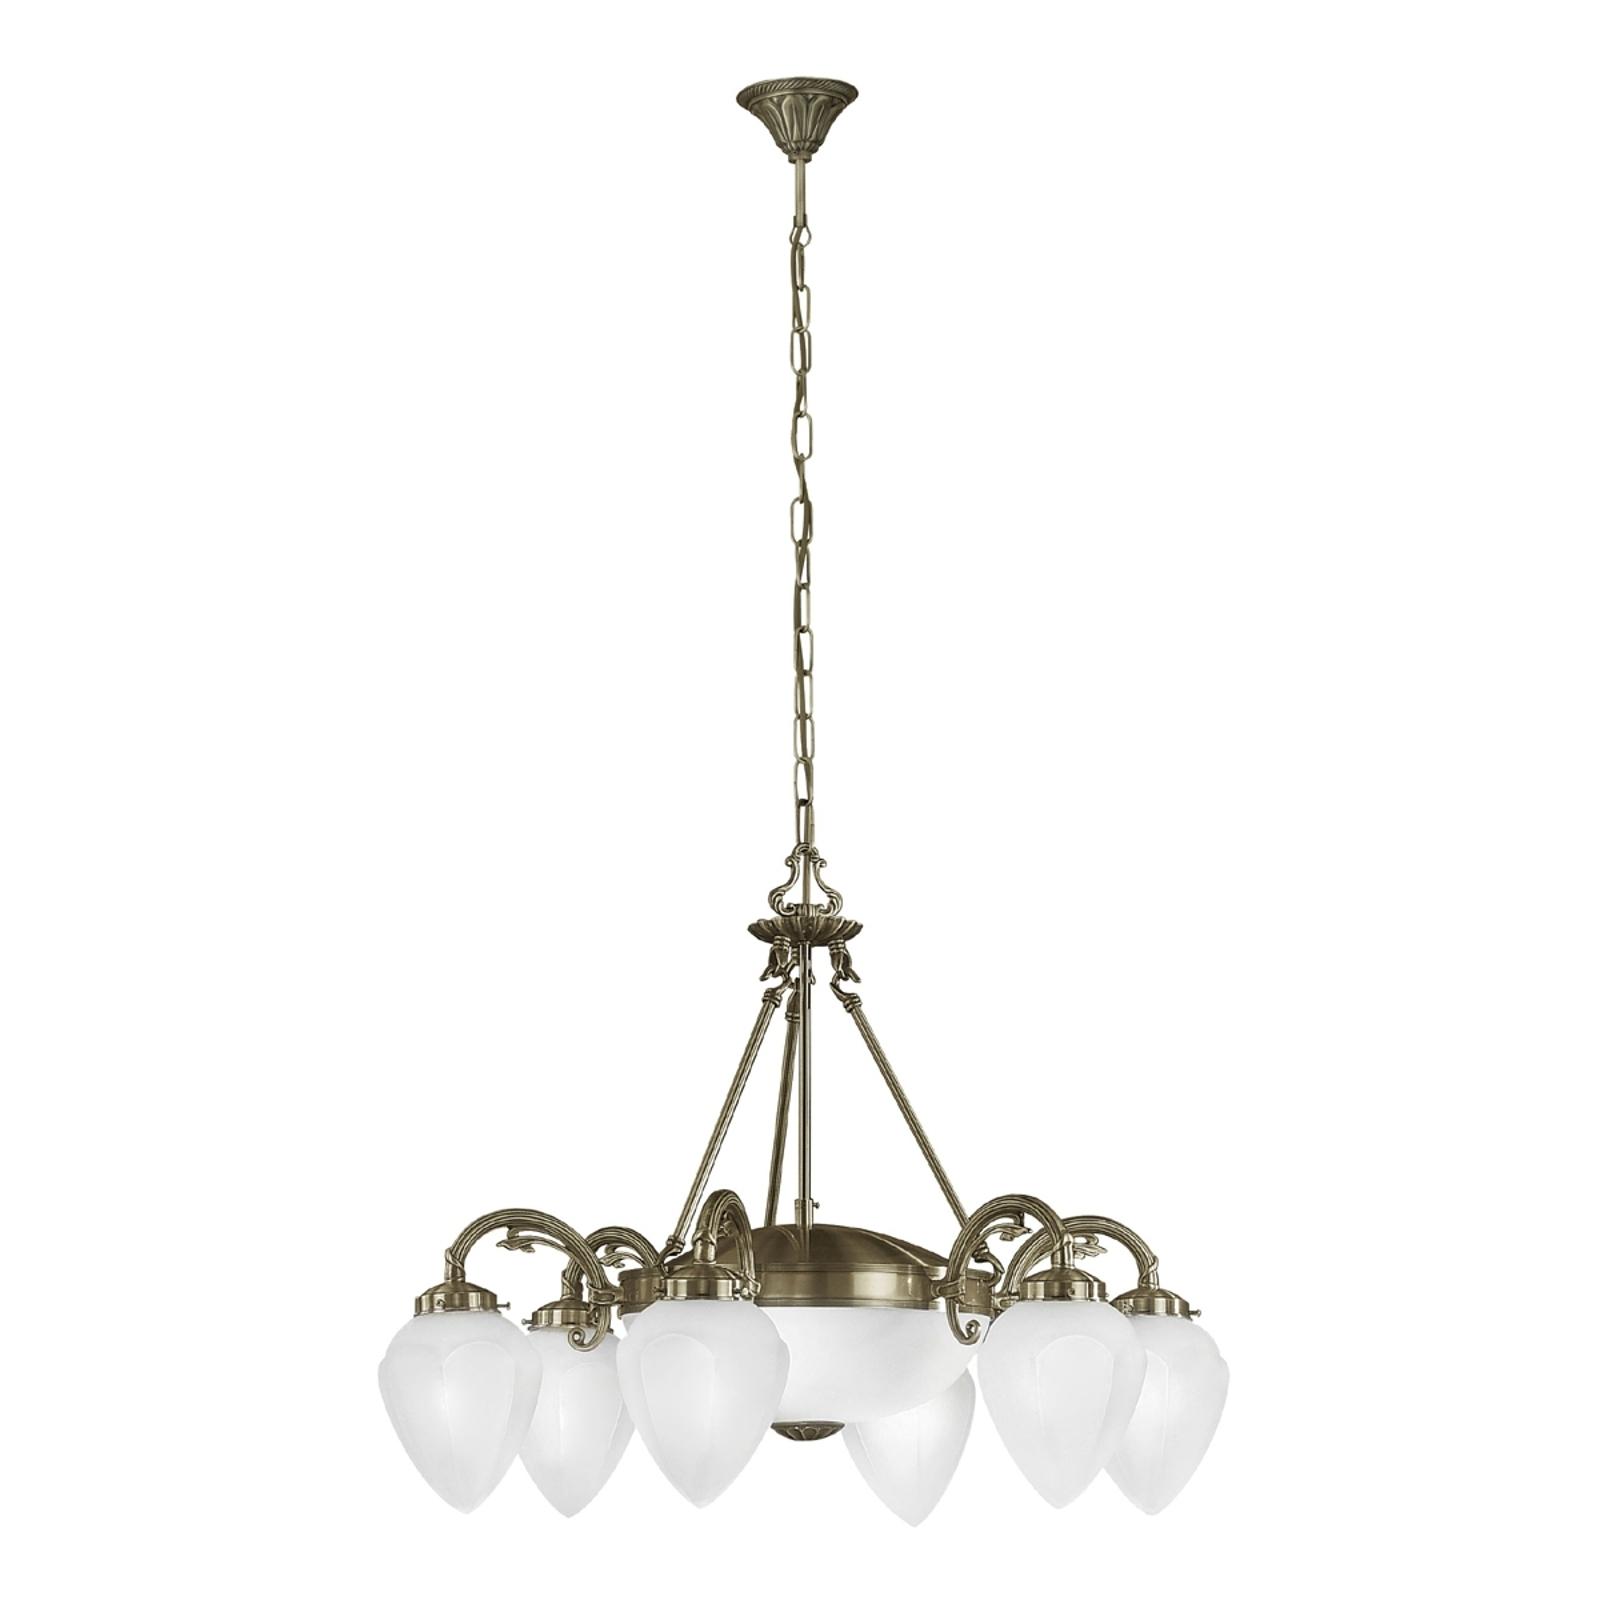 Impery lampa wisząca w klasycznym stylu 8-punktowa